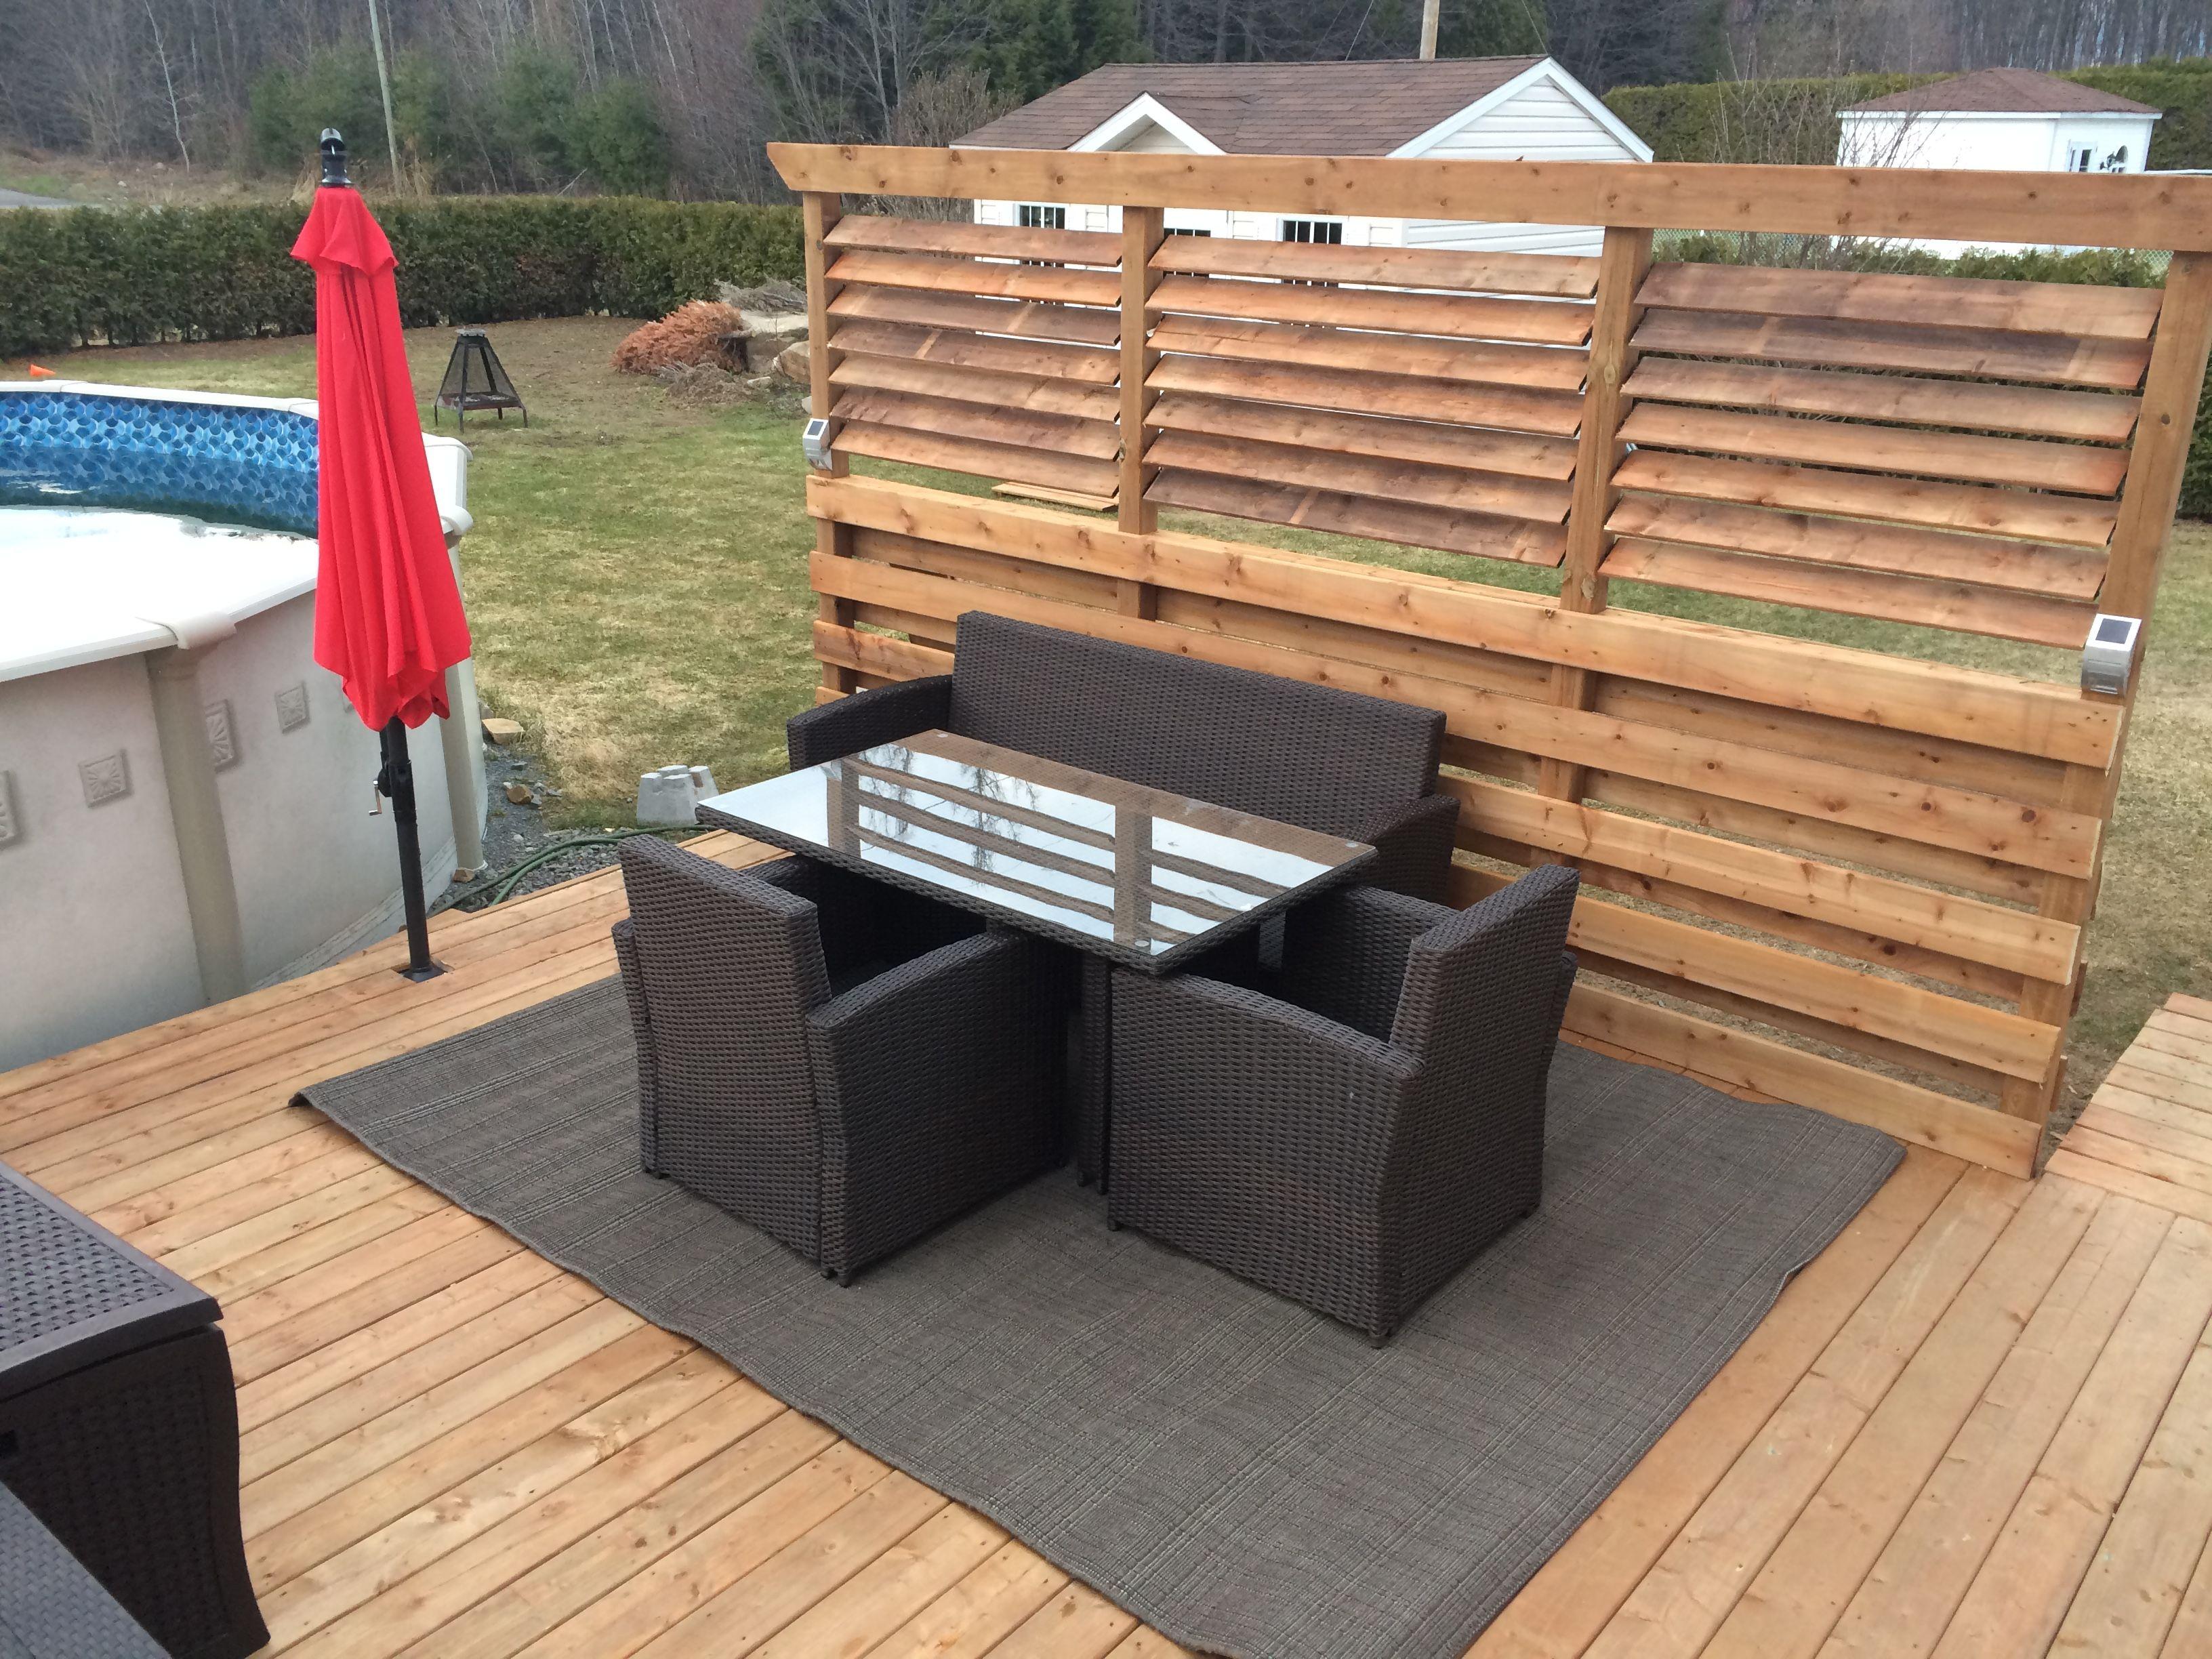 mur d 39 intimit et patio mur d 39 intimit et patio. Black Bedroom Furniture Sets. Home Design Ideas